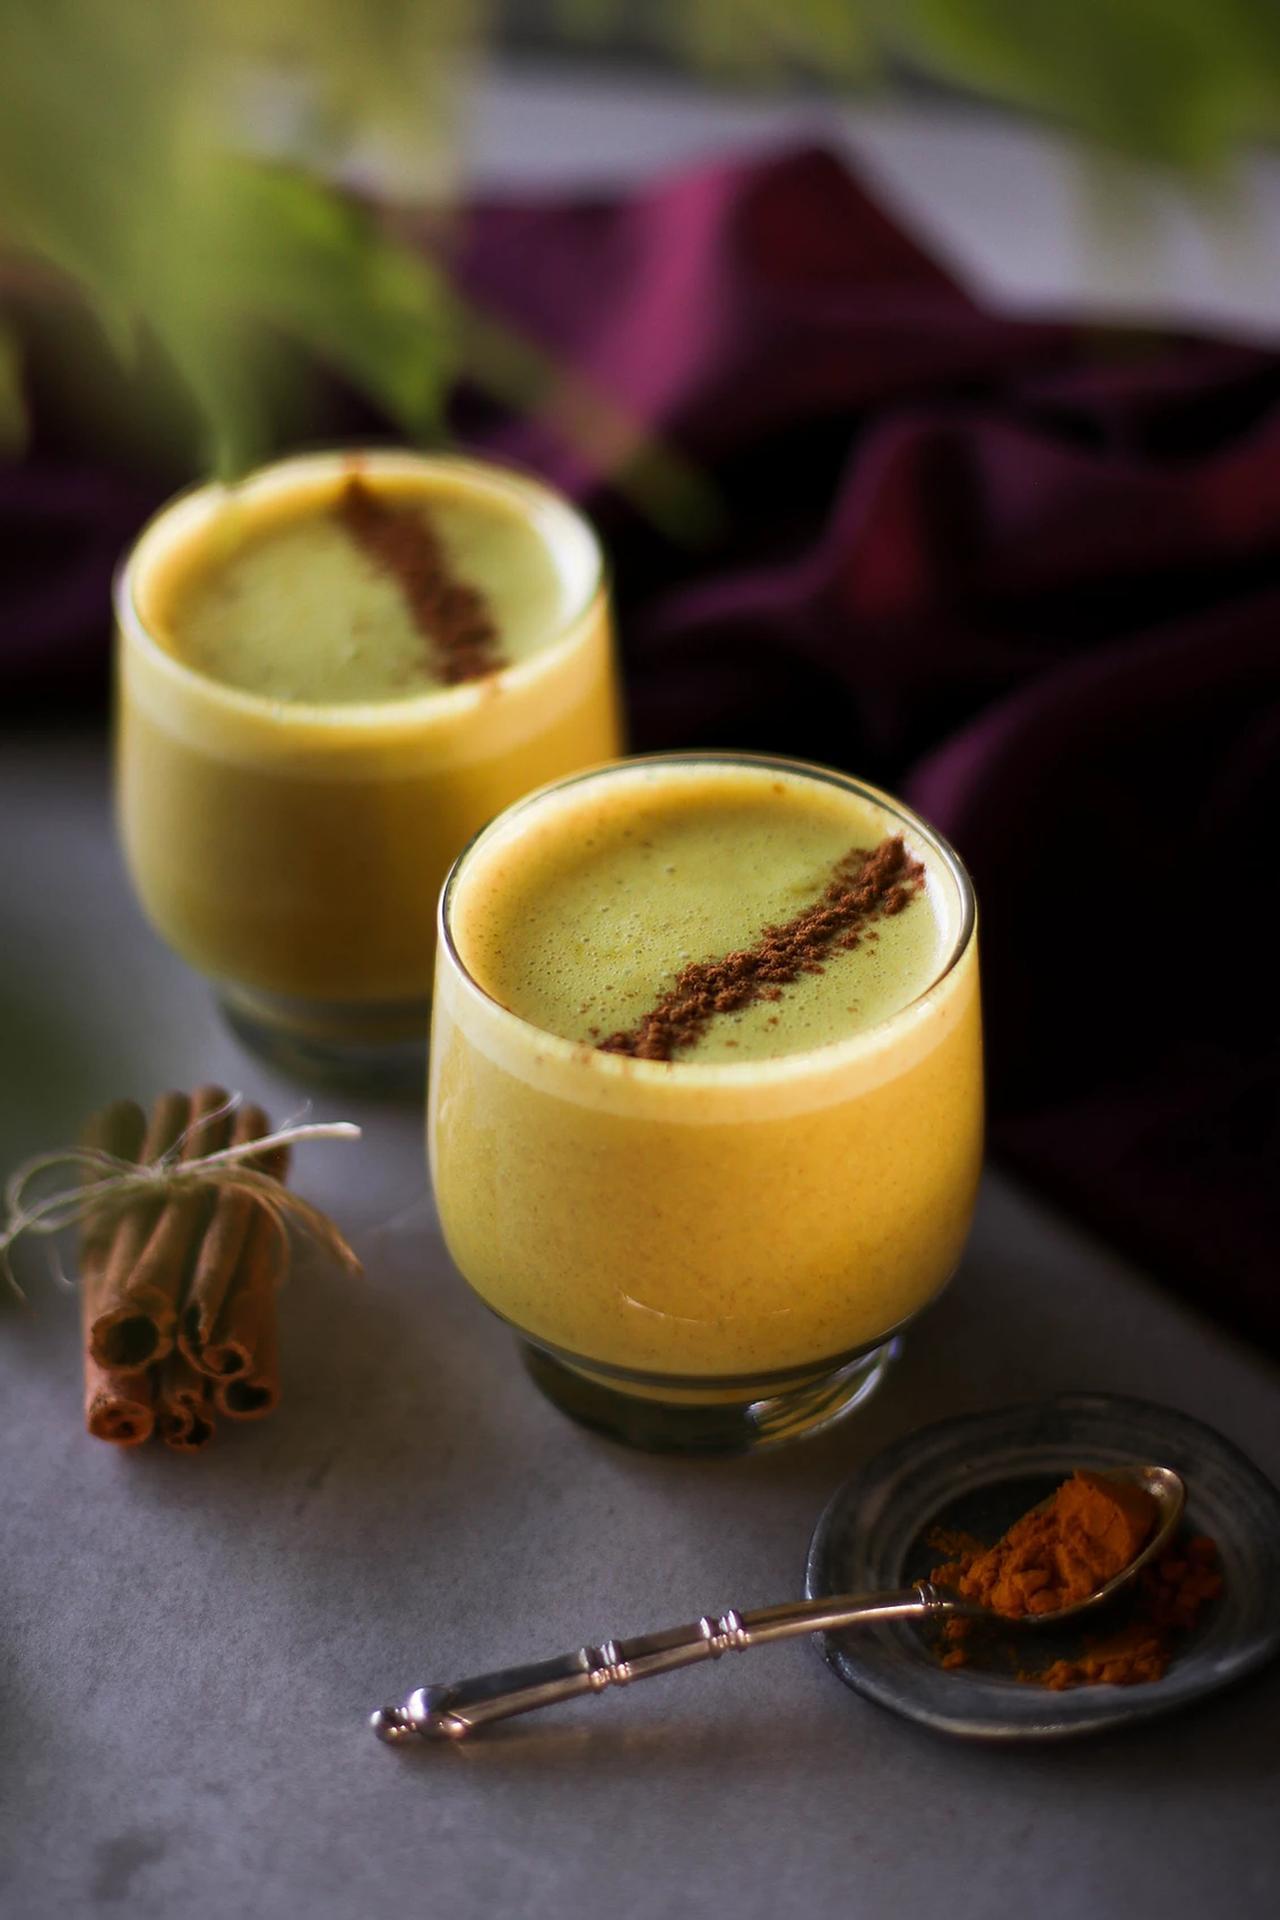 Main image of Golden Milk